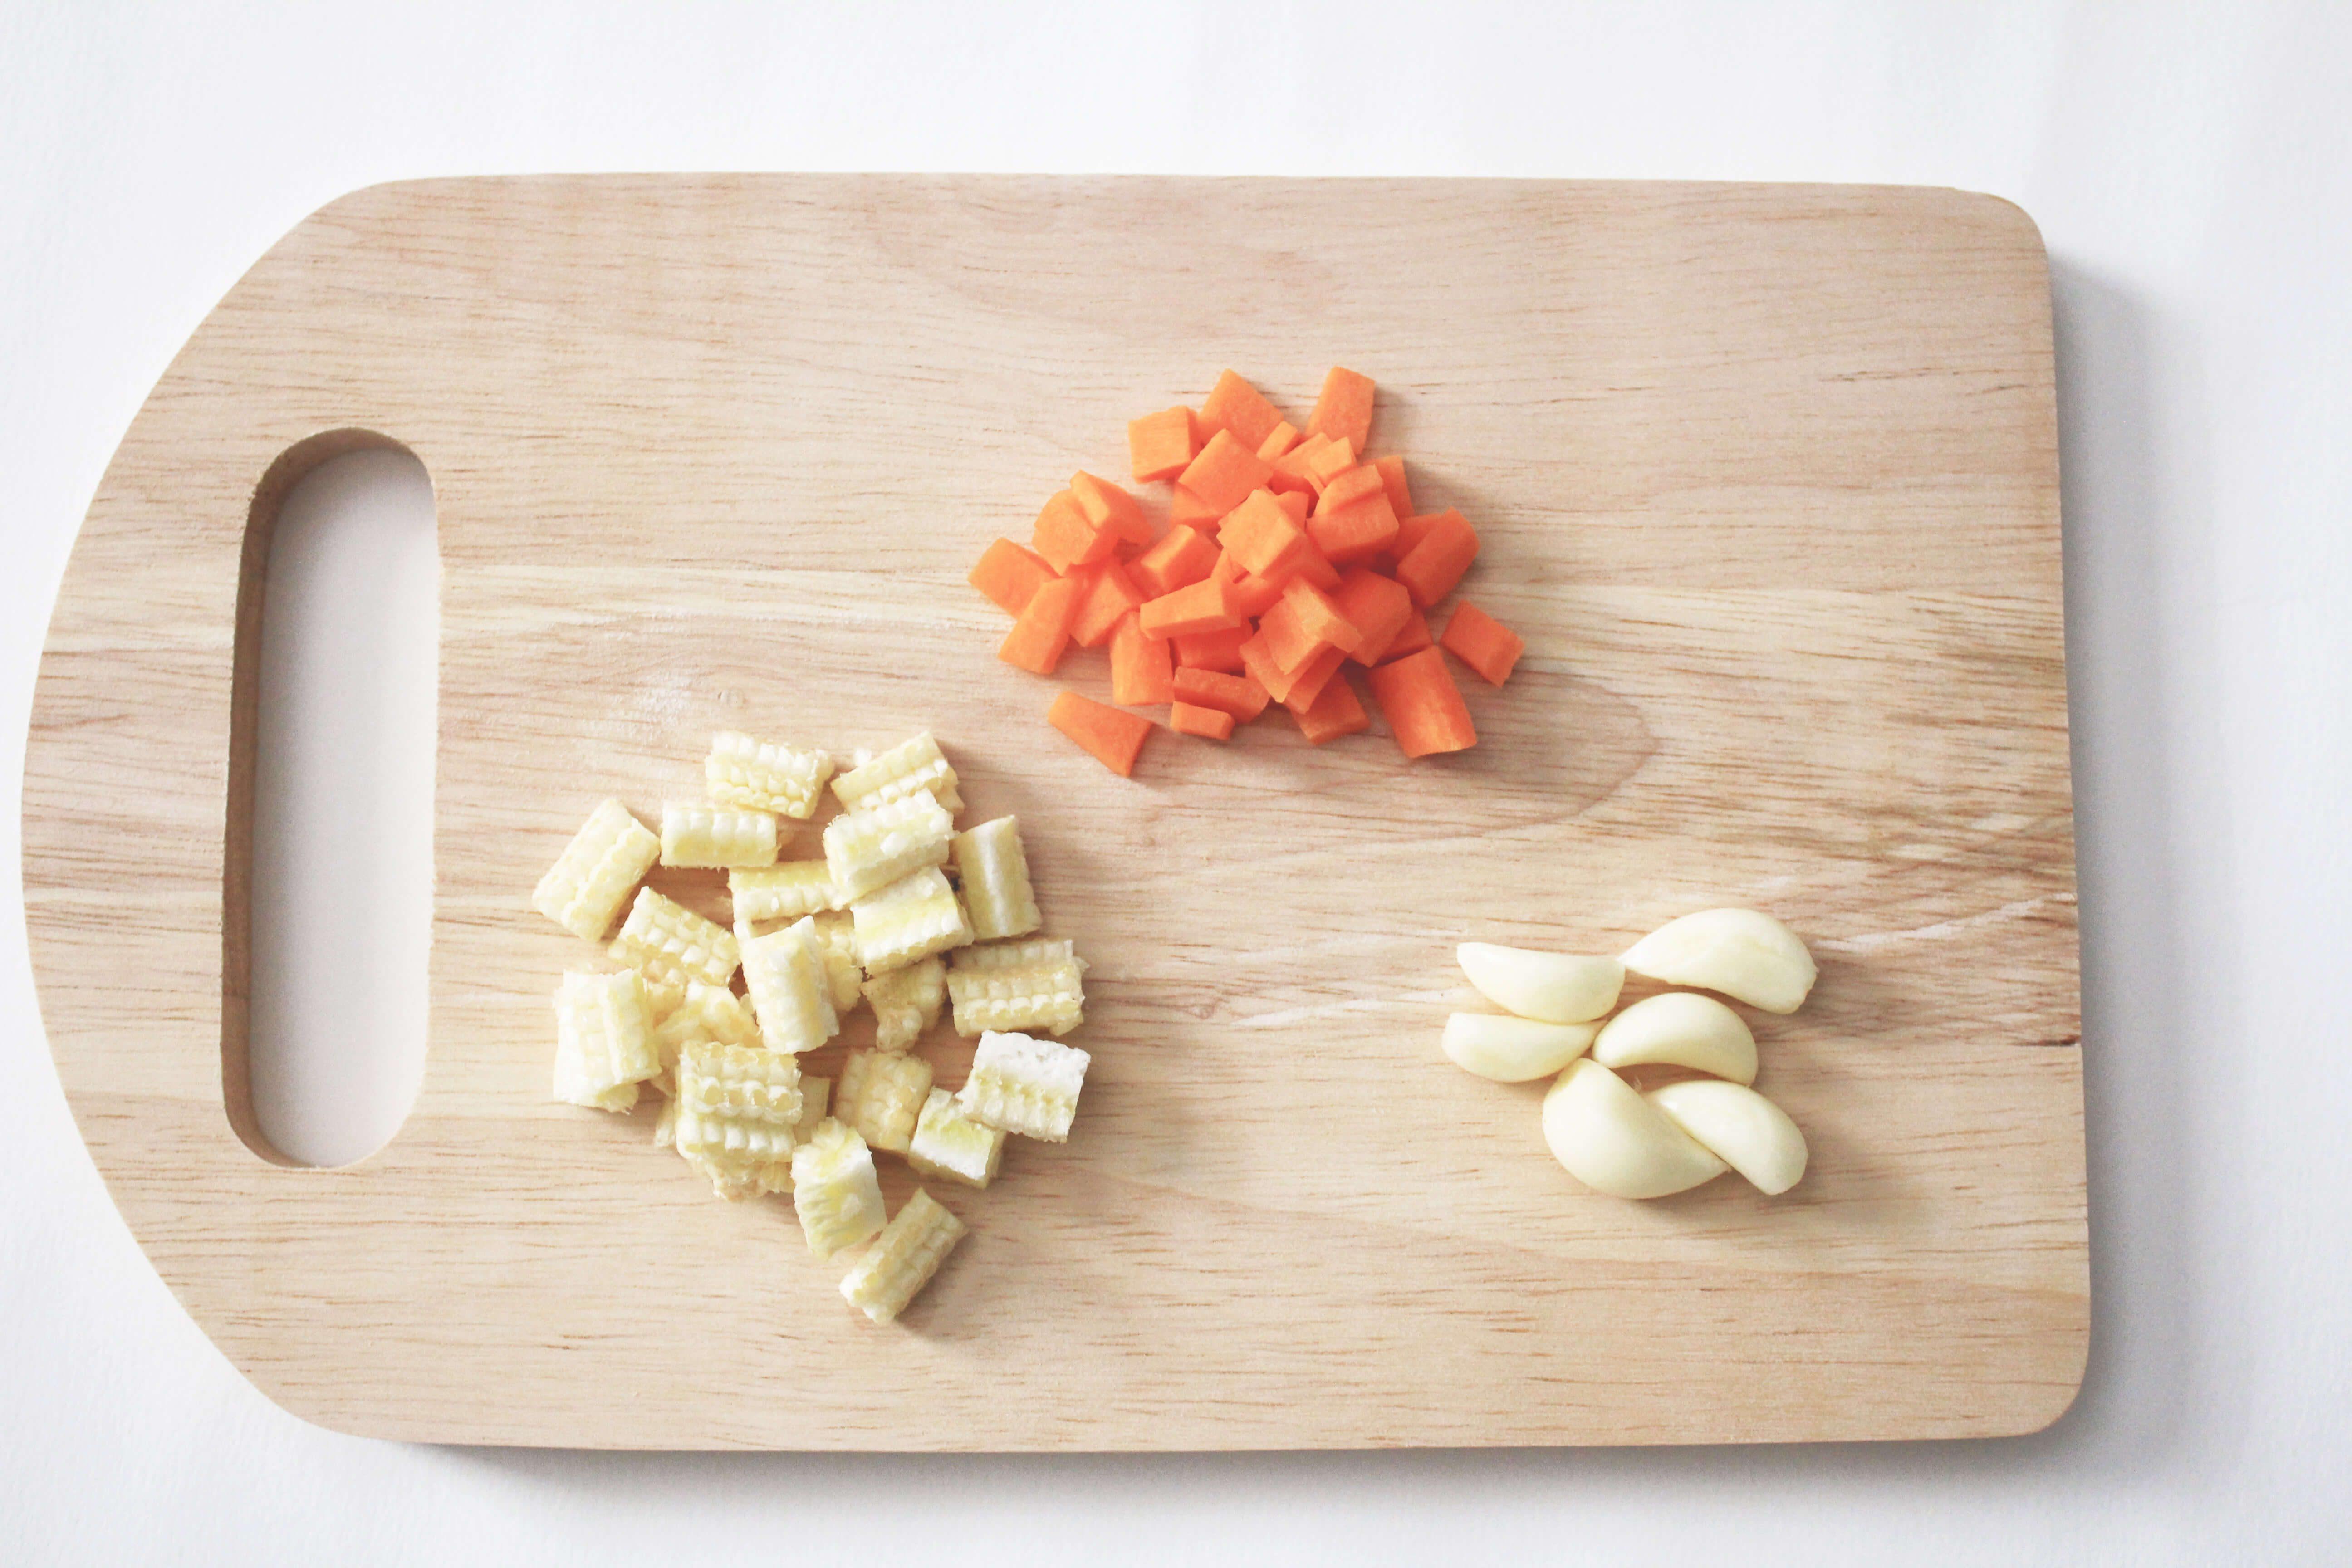 วัตถุดิบ-วิธีทำข้าวผัดกิมจิ